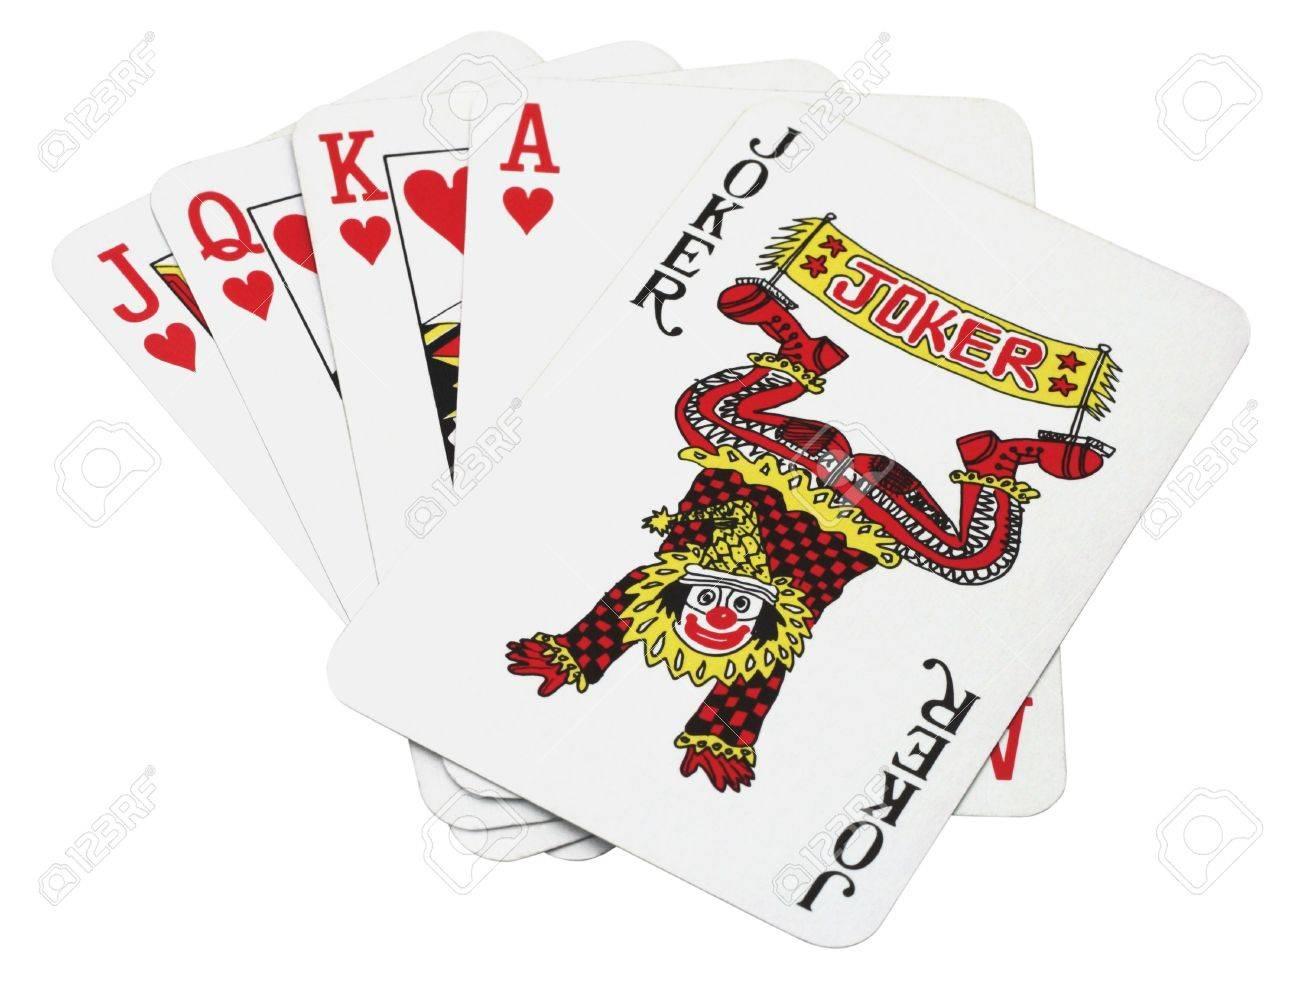 Lucky set of cards, Joker royal flush Stock Photo - 4846388